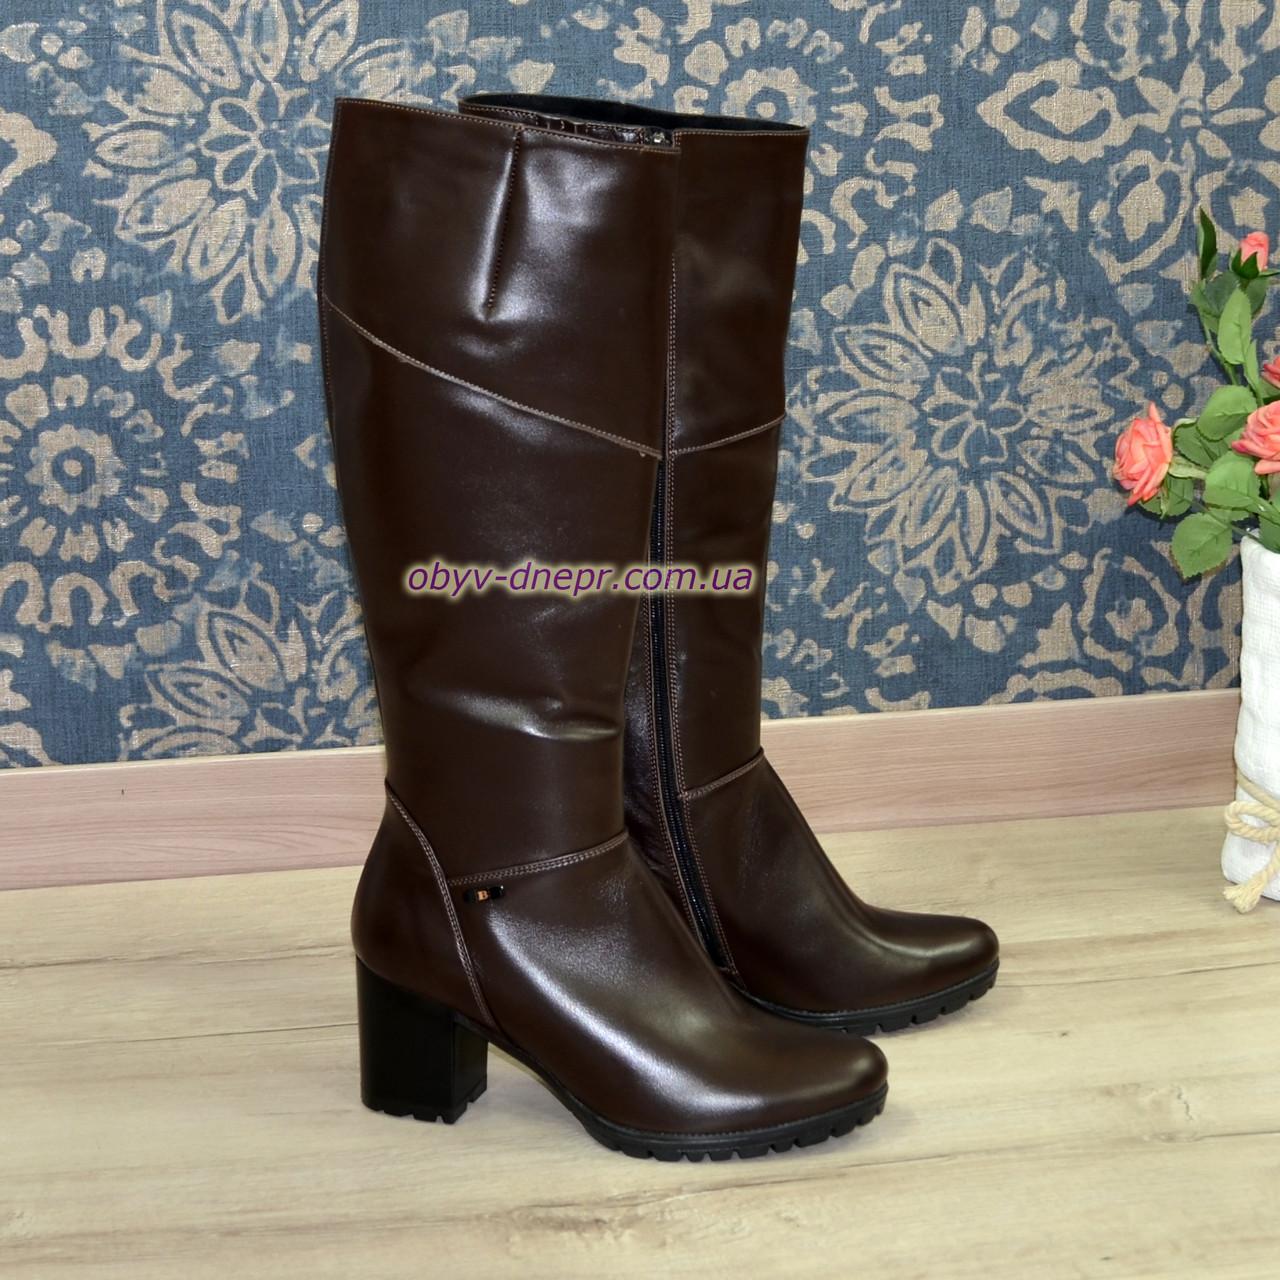 Сапоги женские демисезонные на устойчивом каблуке, натуральная коричневая кожа.